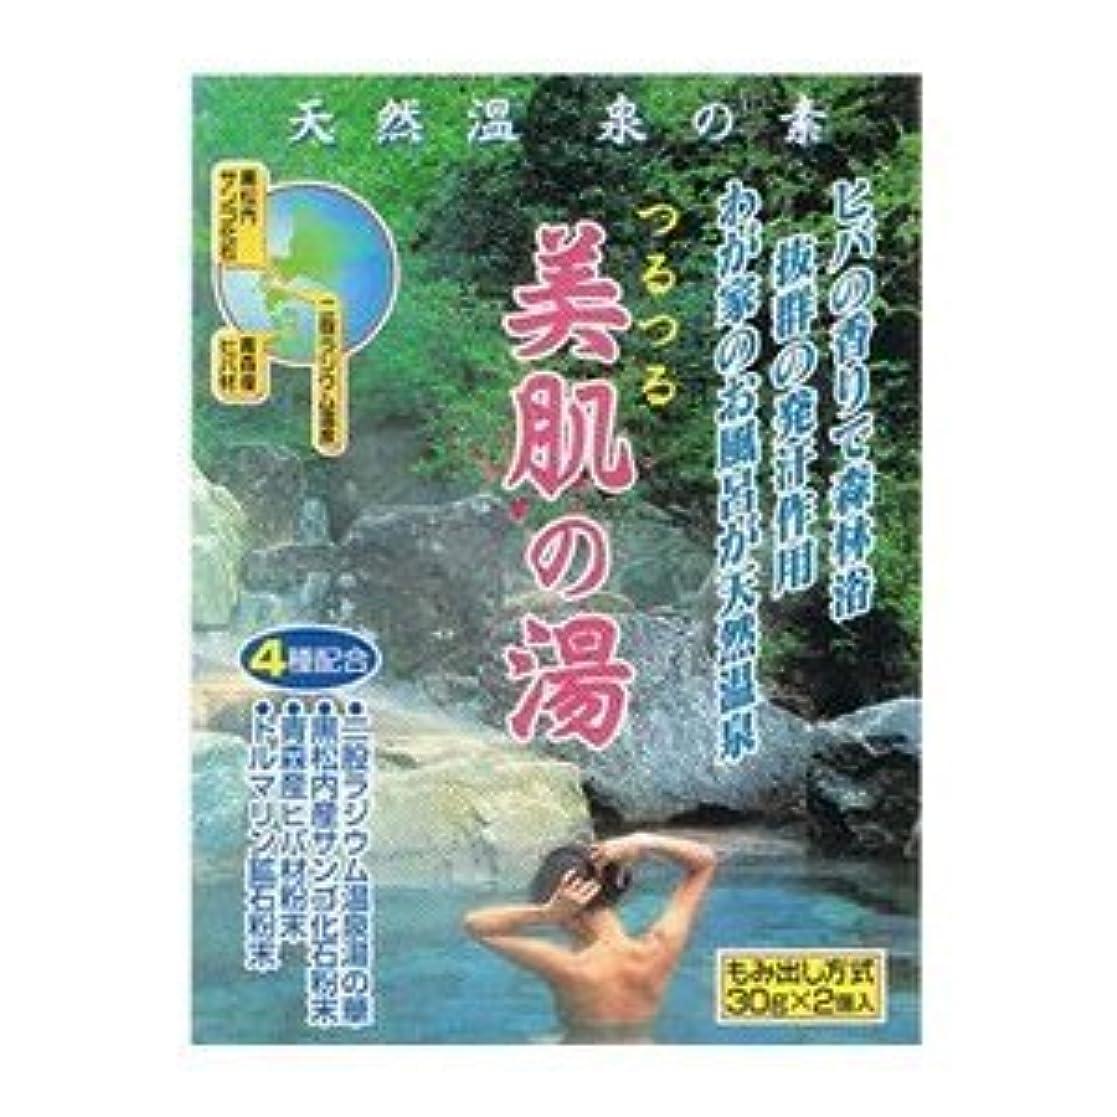 タバコ流暢つづり天然温泉の素 美肌の湯 (30g×2個入)×18袋セット